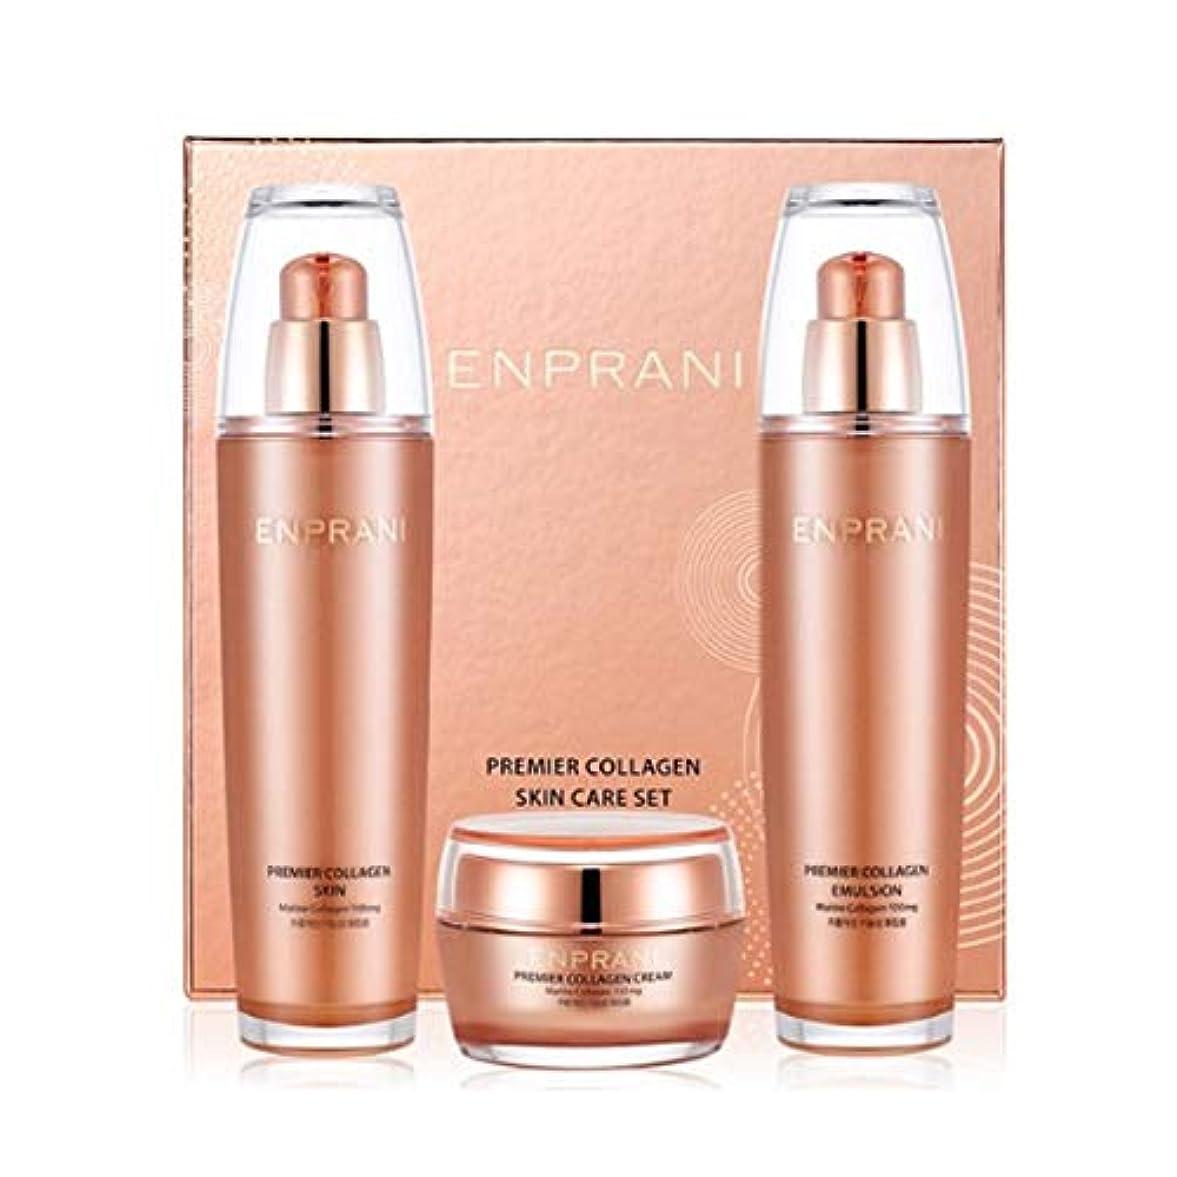 等しいなめるカートンエンプラニ?プレミアコラーゲンセット(スキン125ml、エマルジョン125ml、クリーム50ml)、Enprani Premier Collagen Set (Skin、Emulsion、Cream) [並行輸入品]